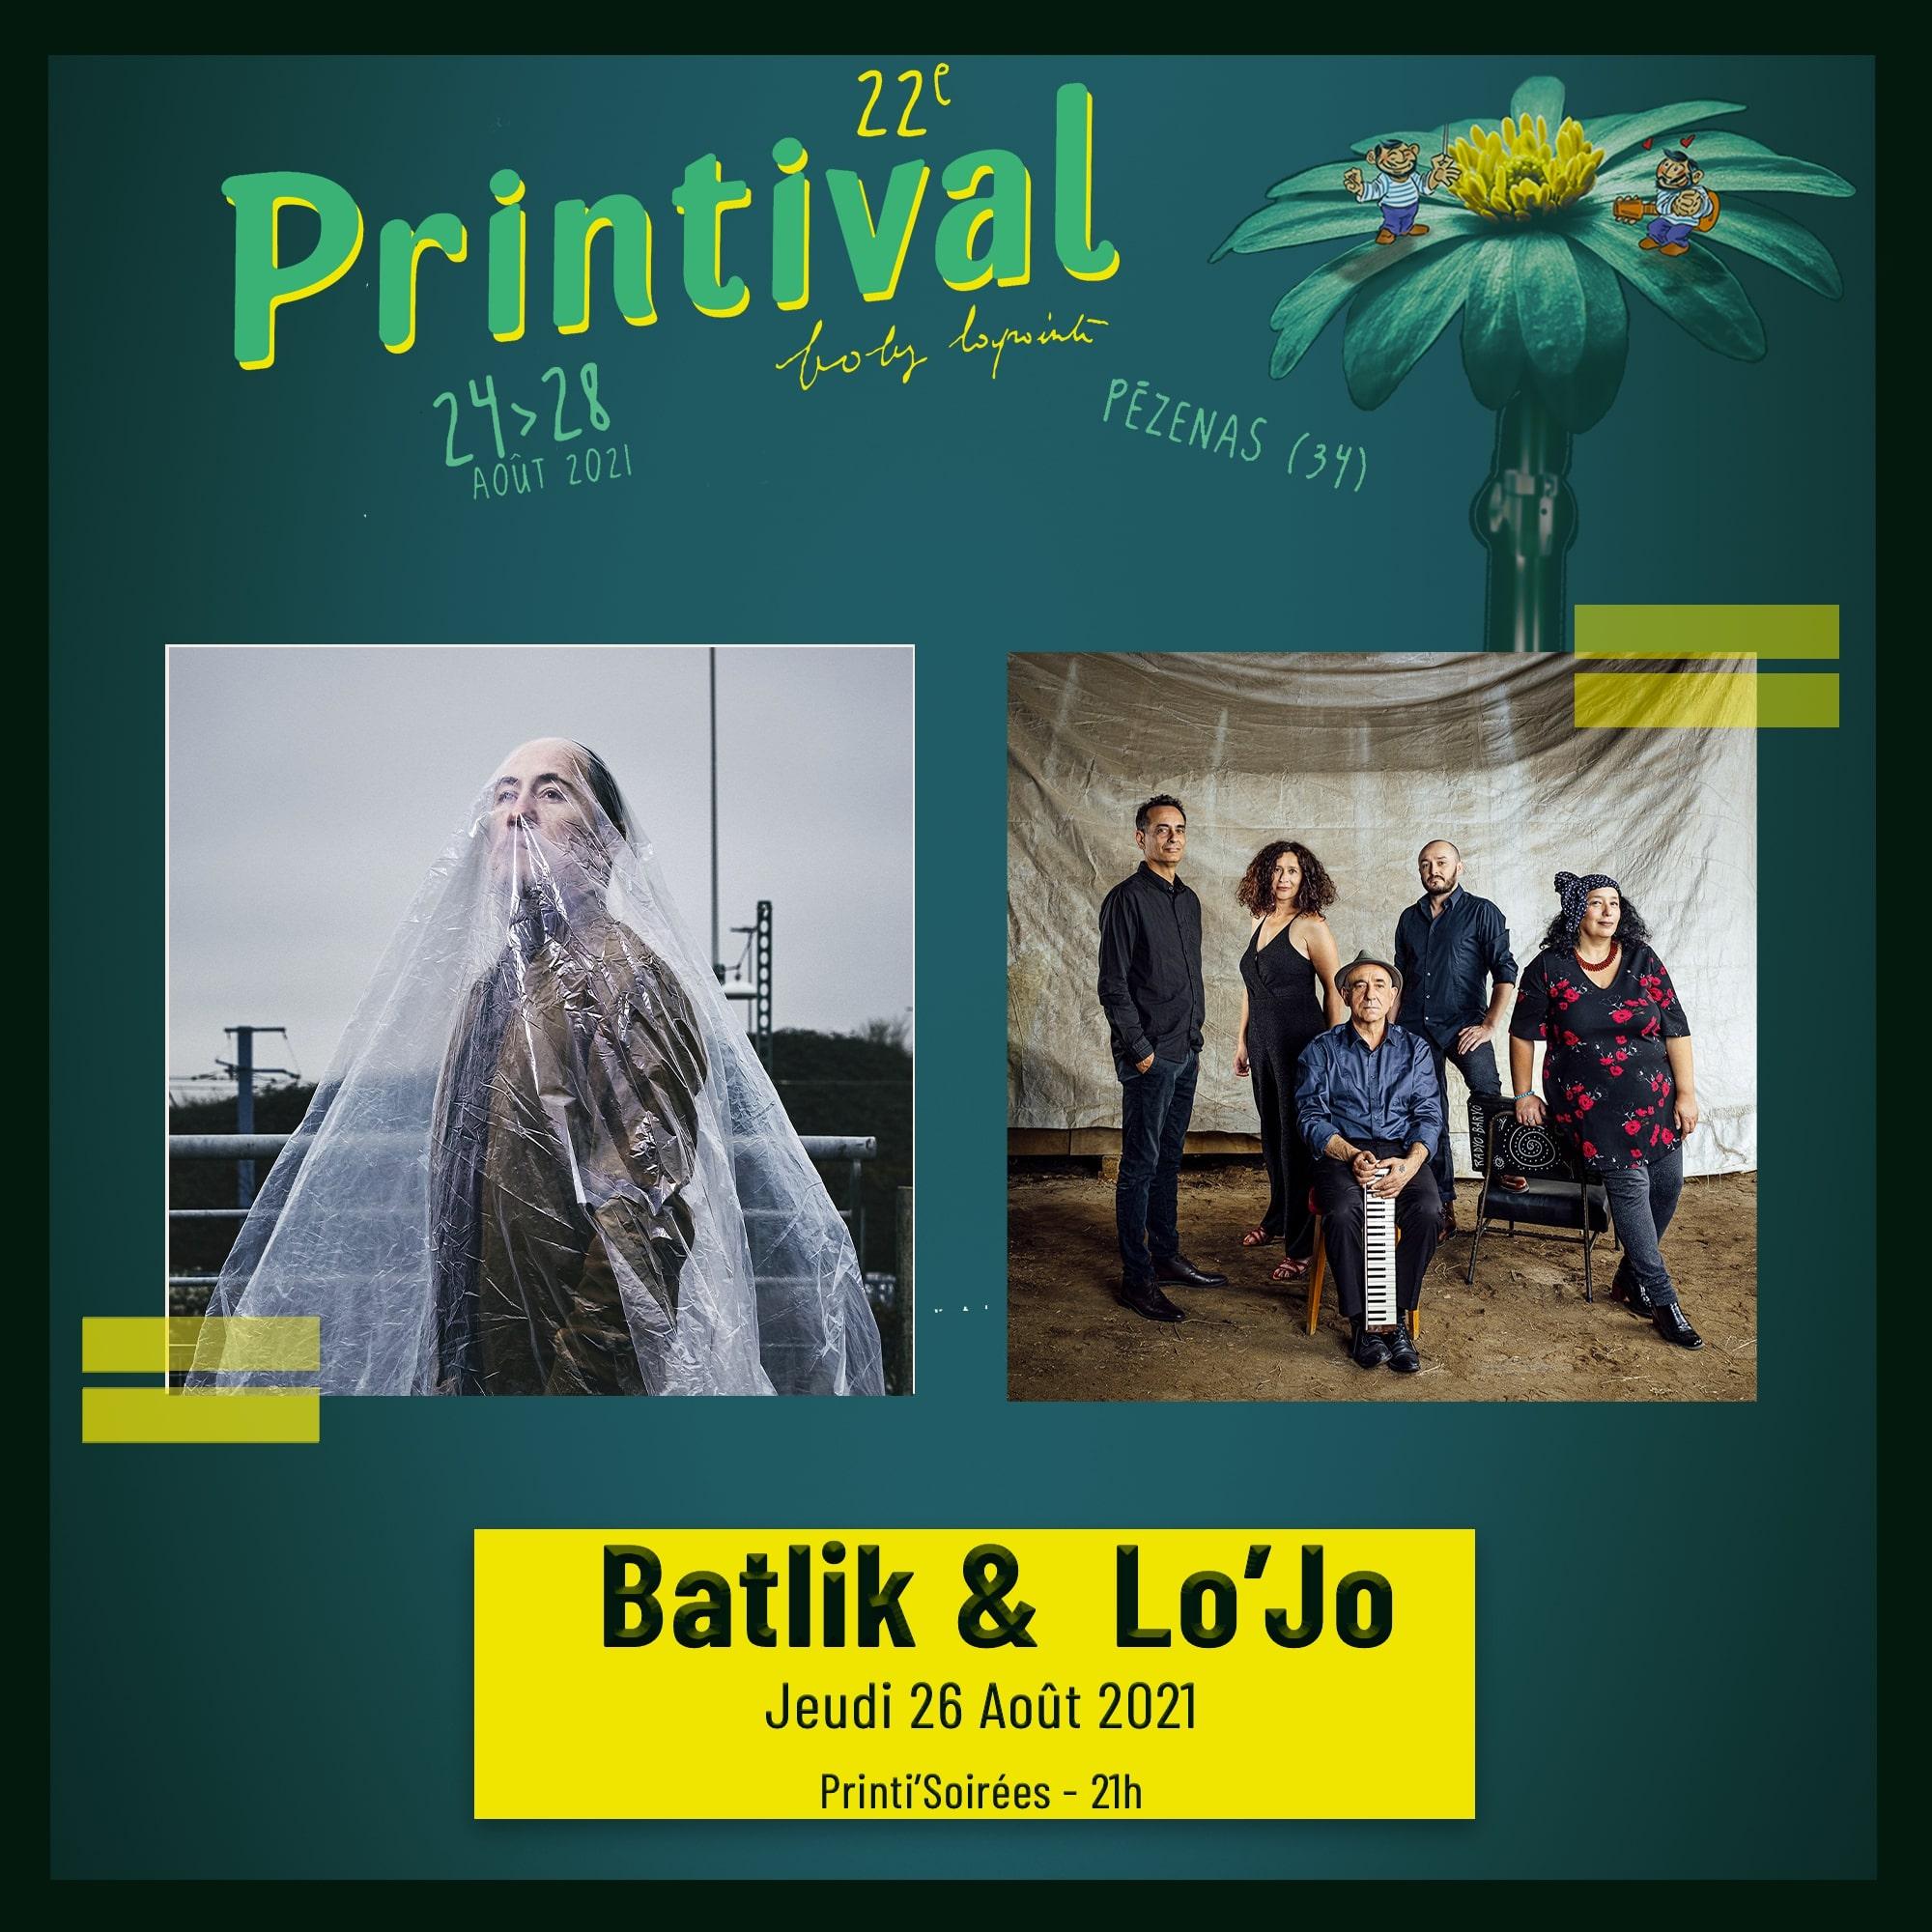 3.Batlik et Lo_jo